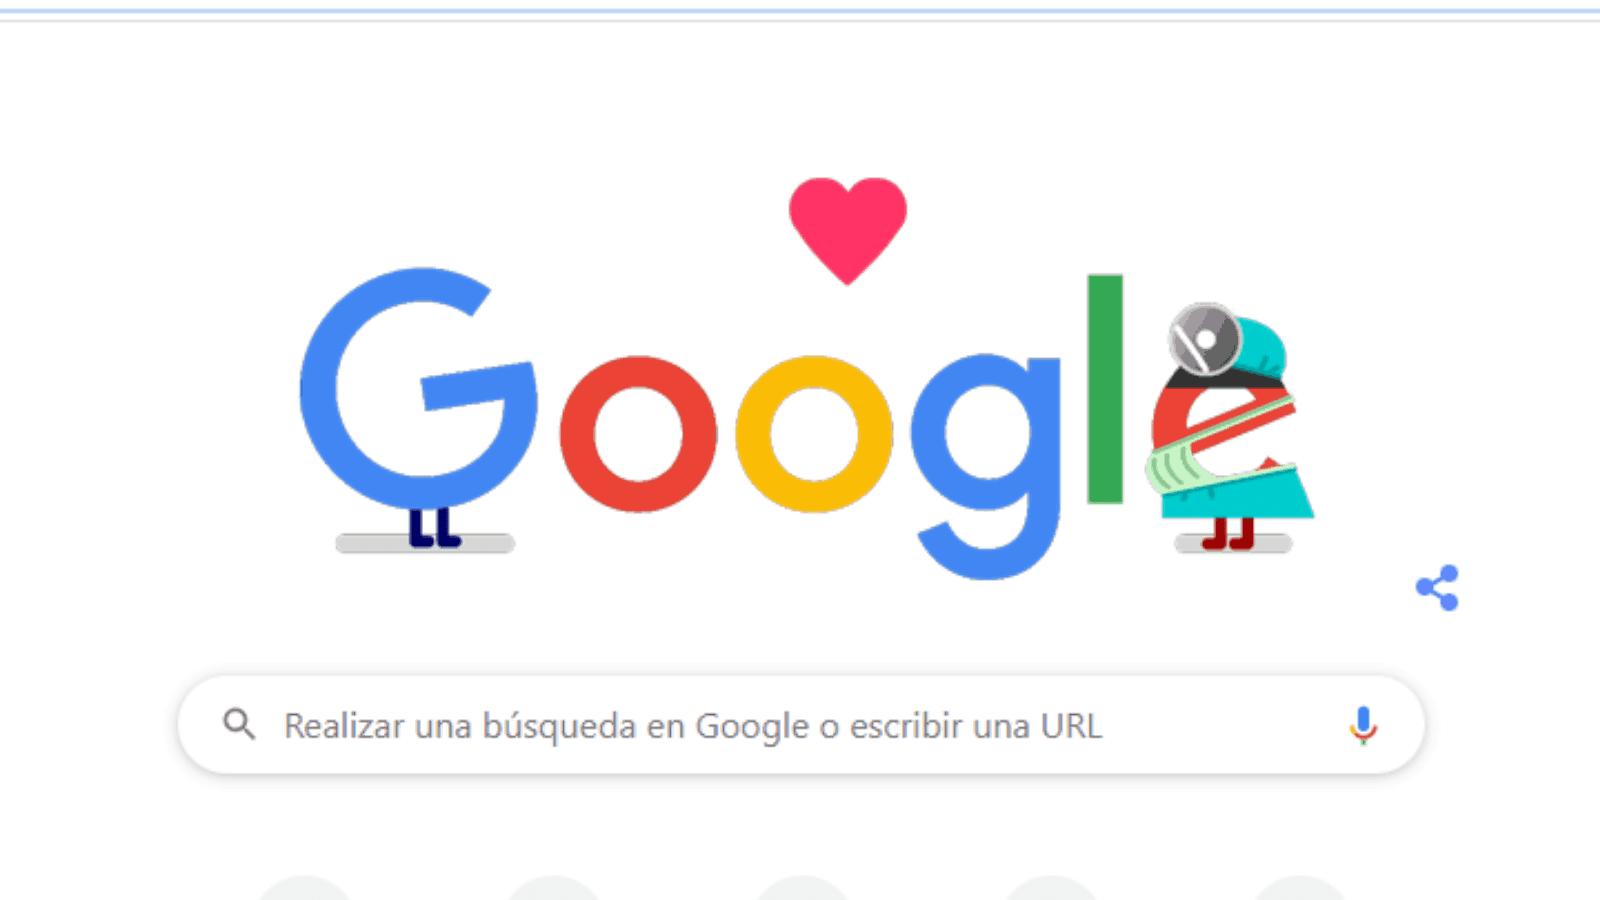 Google dedica una serie de doodles a los trabajadores de la salud que están en la primera línea de combate contra el brote de COVID-19 1